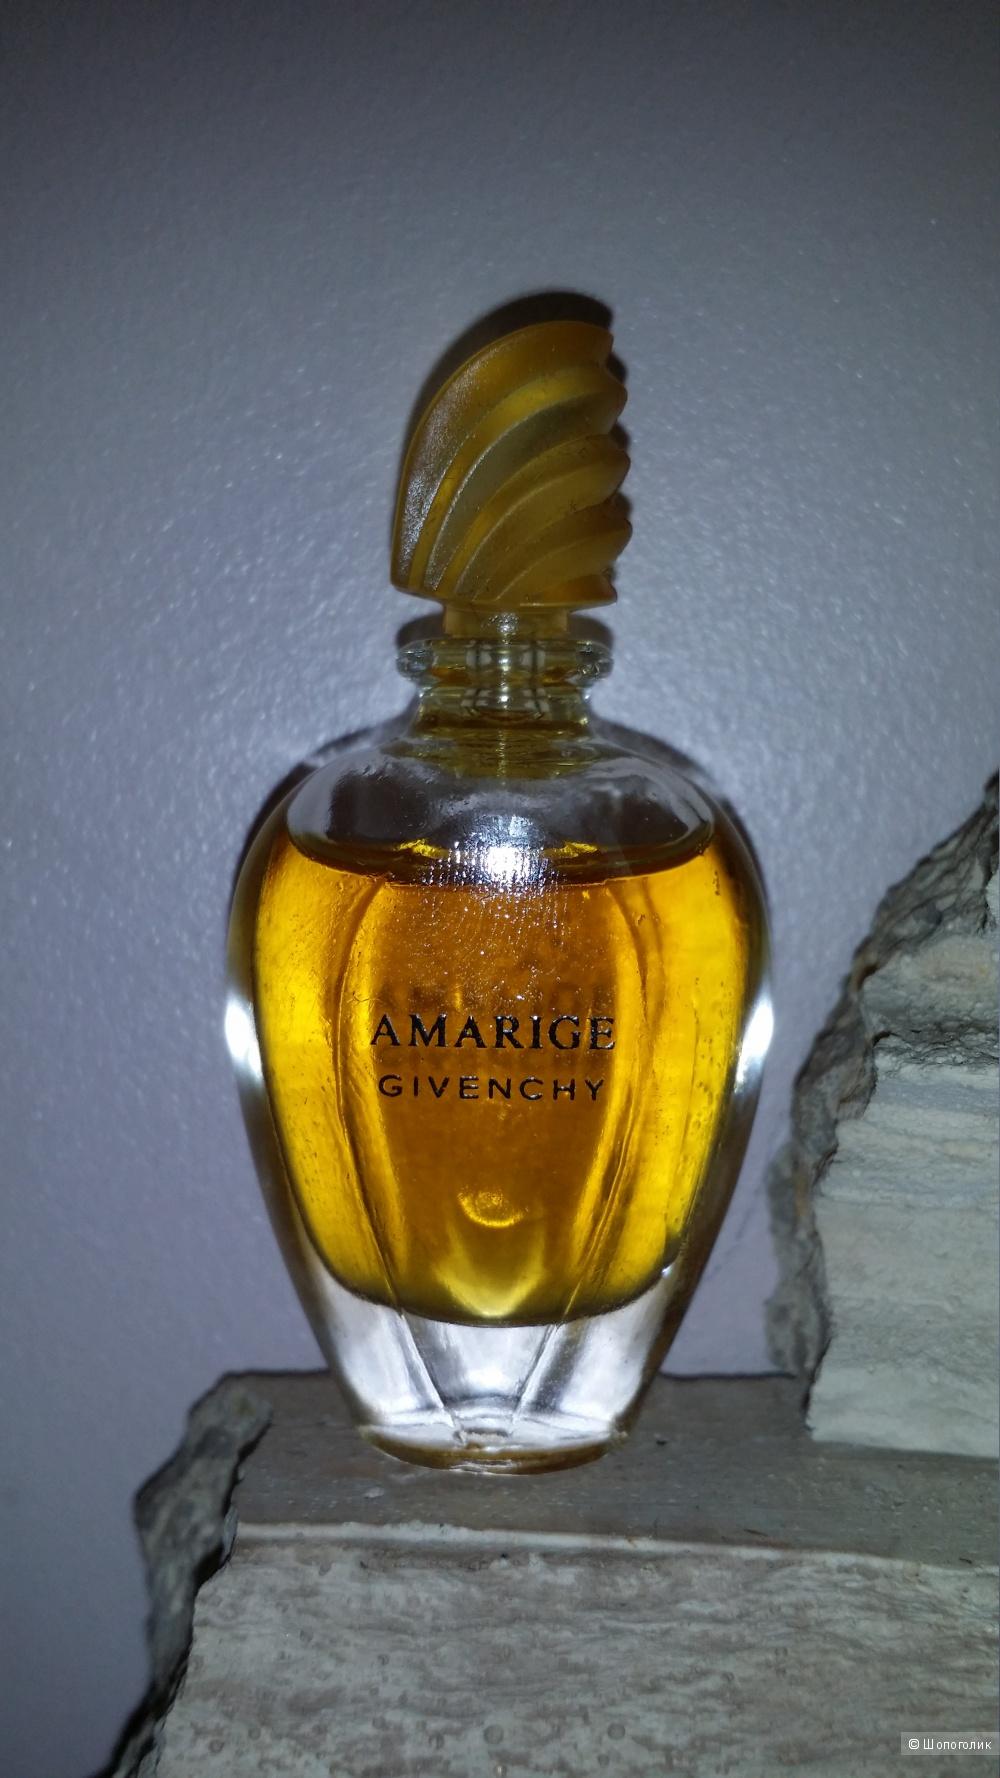 Миниатюра Amarige, Givenchy 4 ml